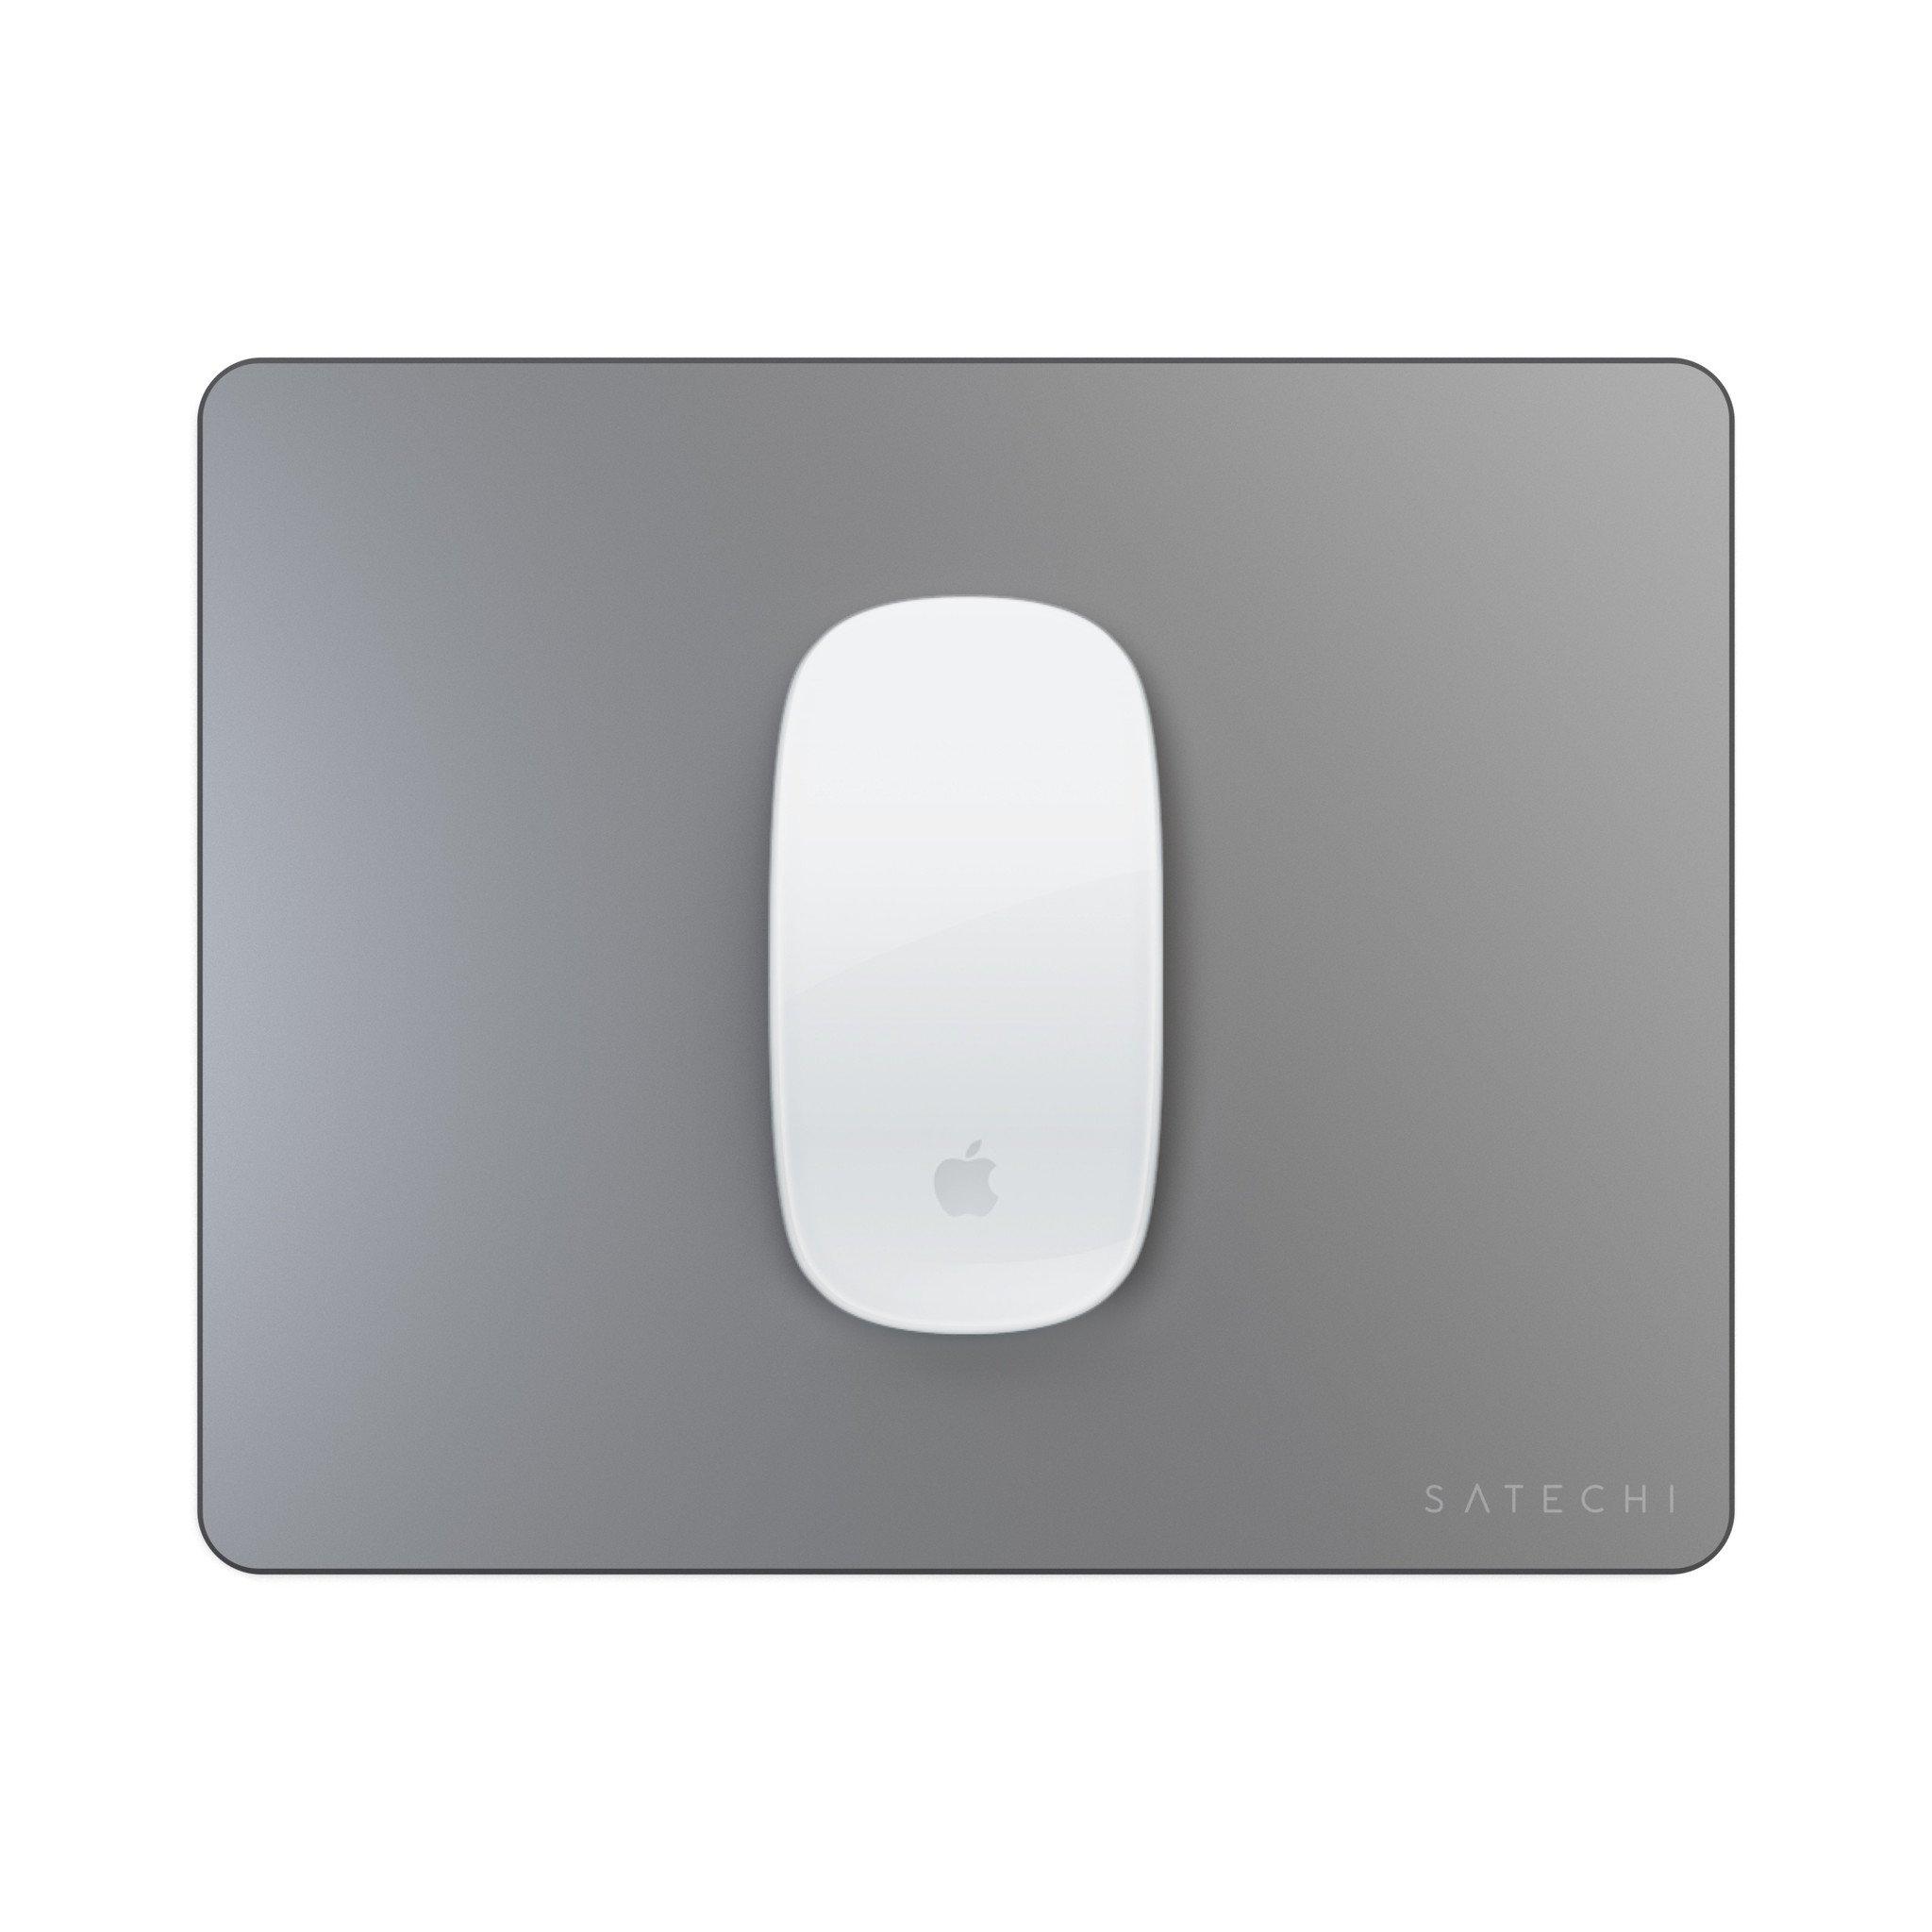 Mousepad image